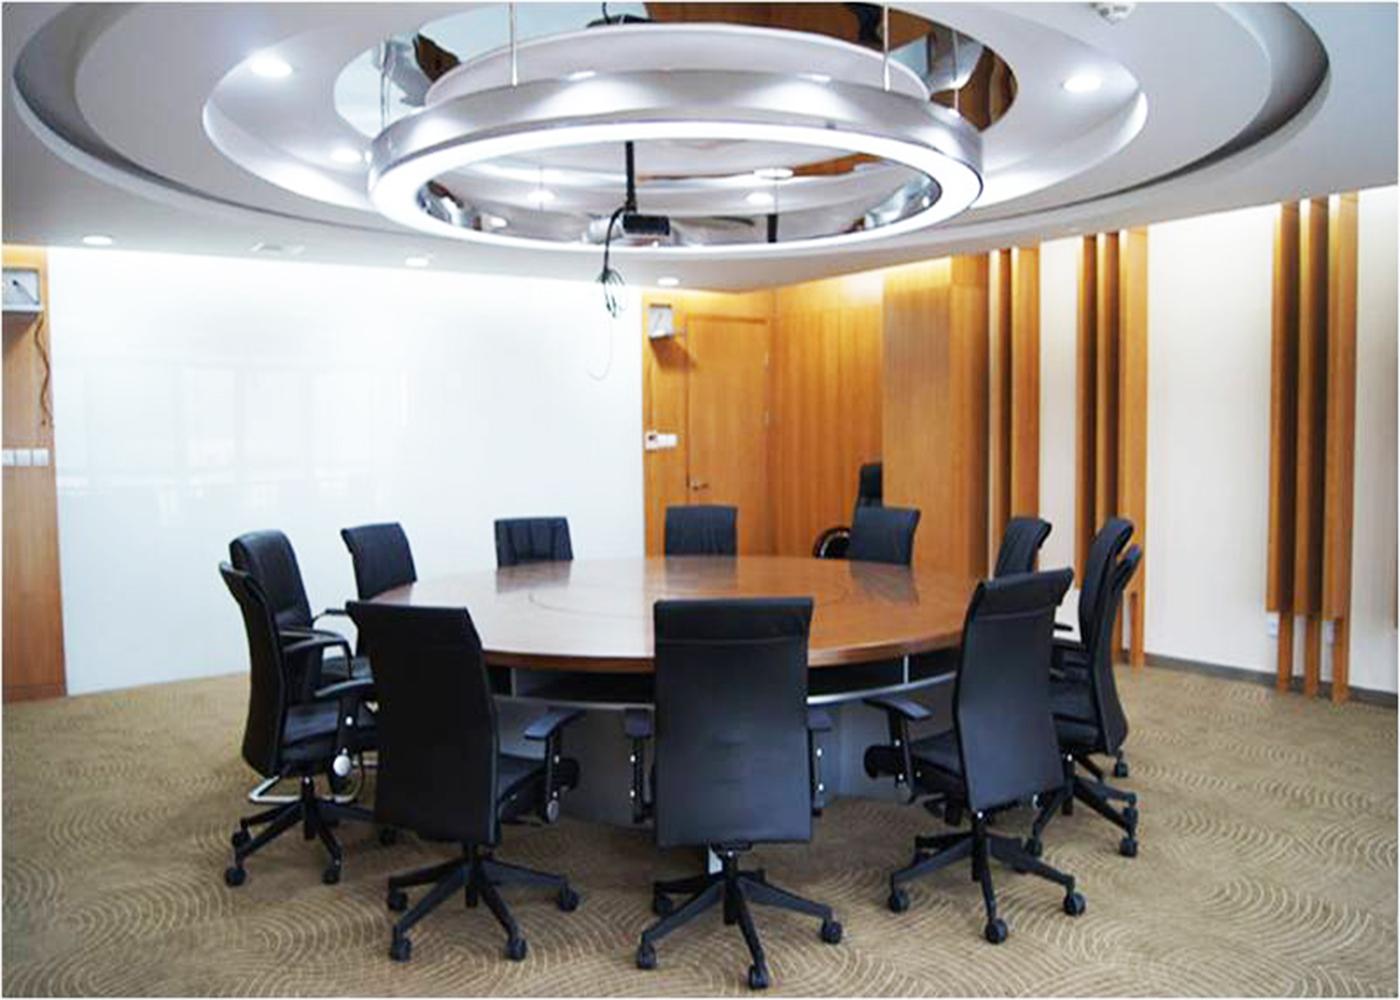 雷蒂斯会议桌A11,上海会议桌,【尺寸 价格 图片 品牌】